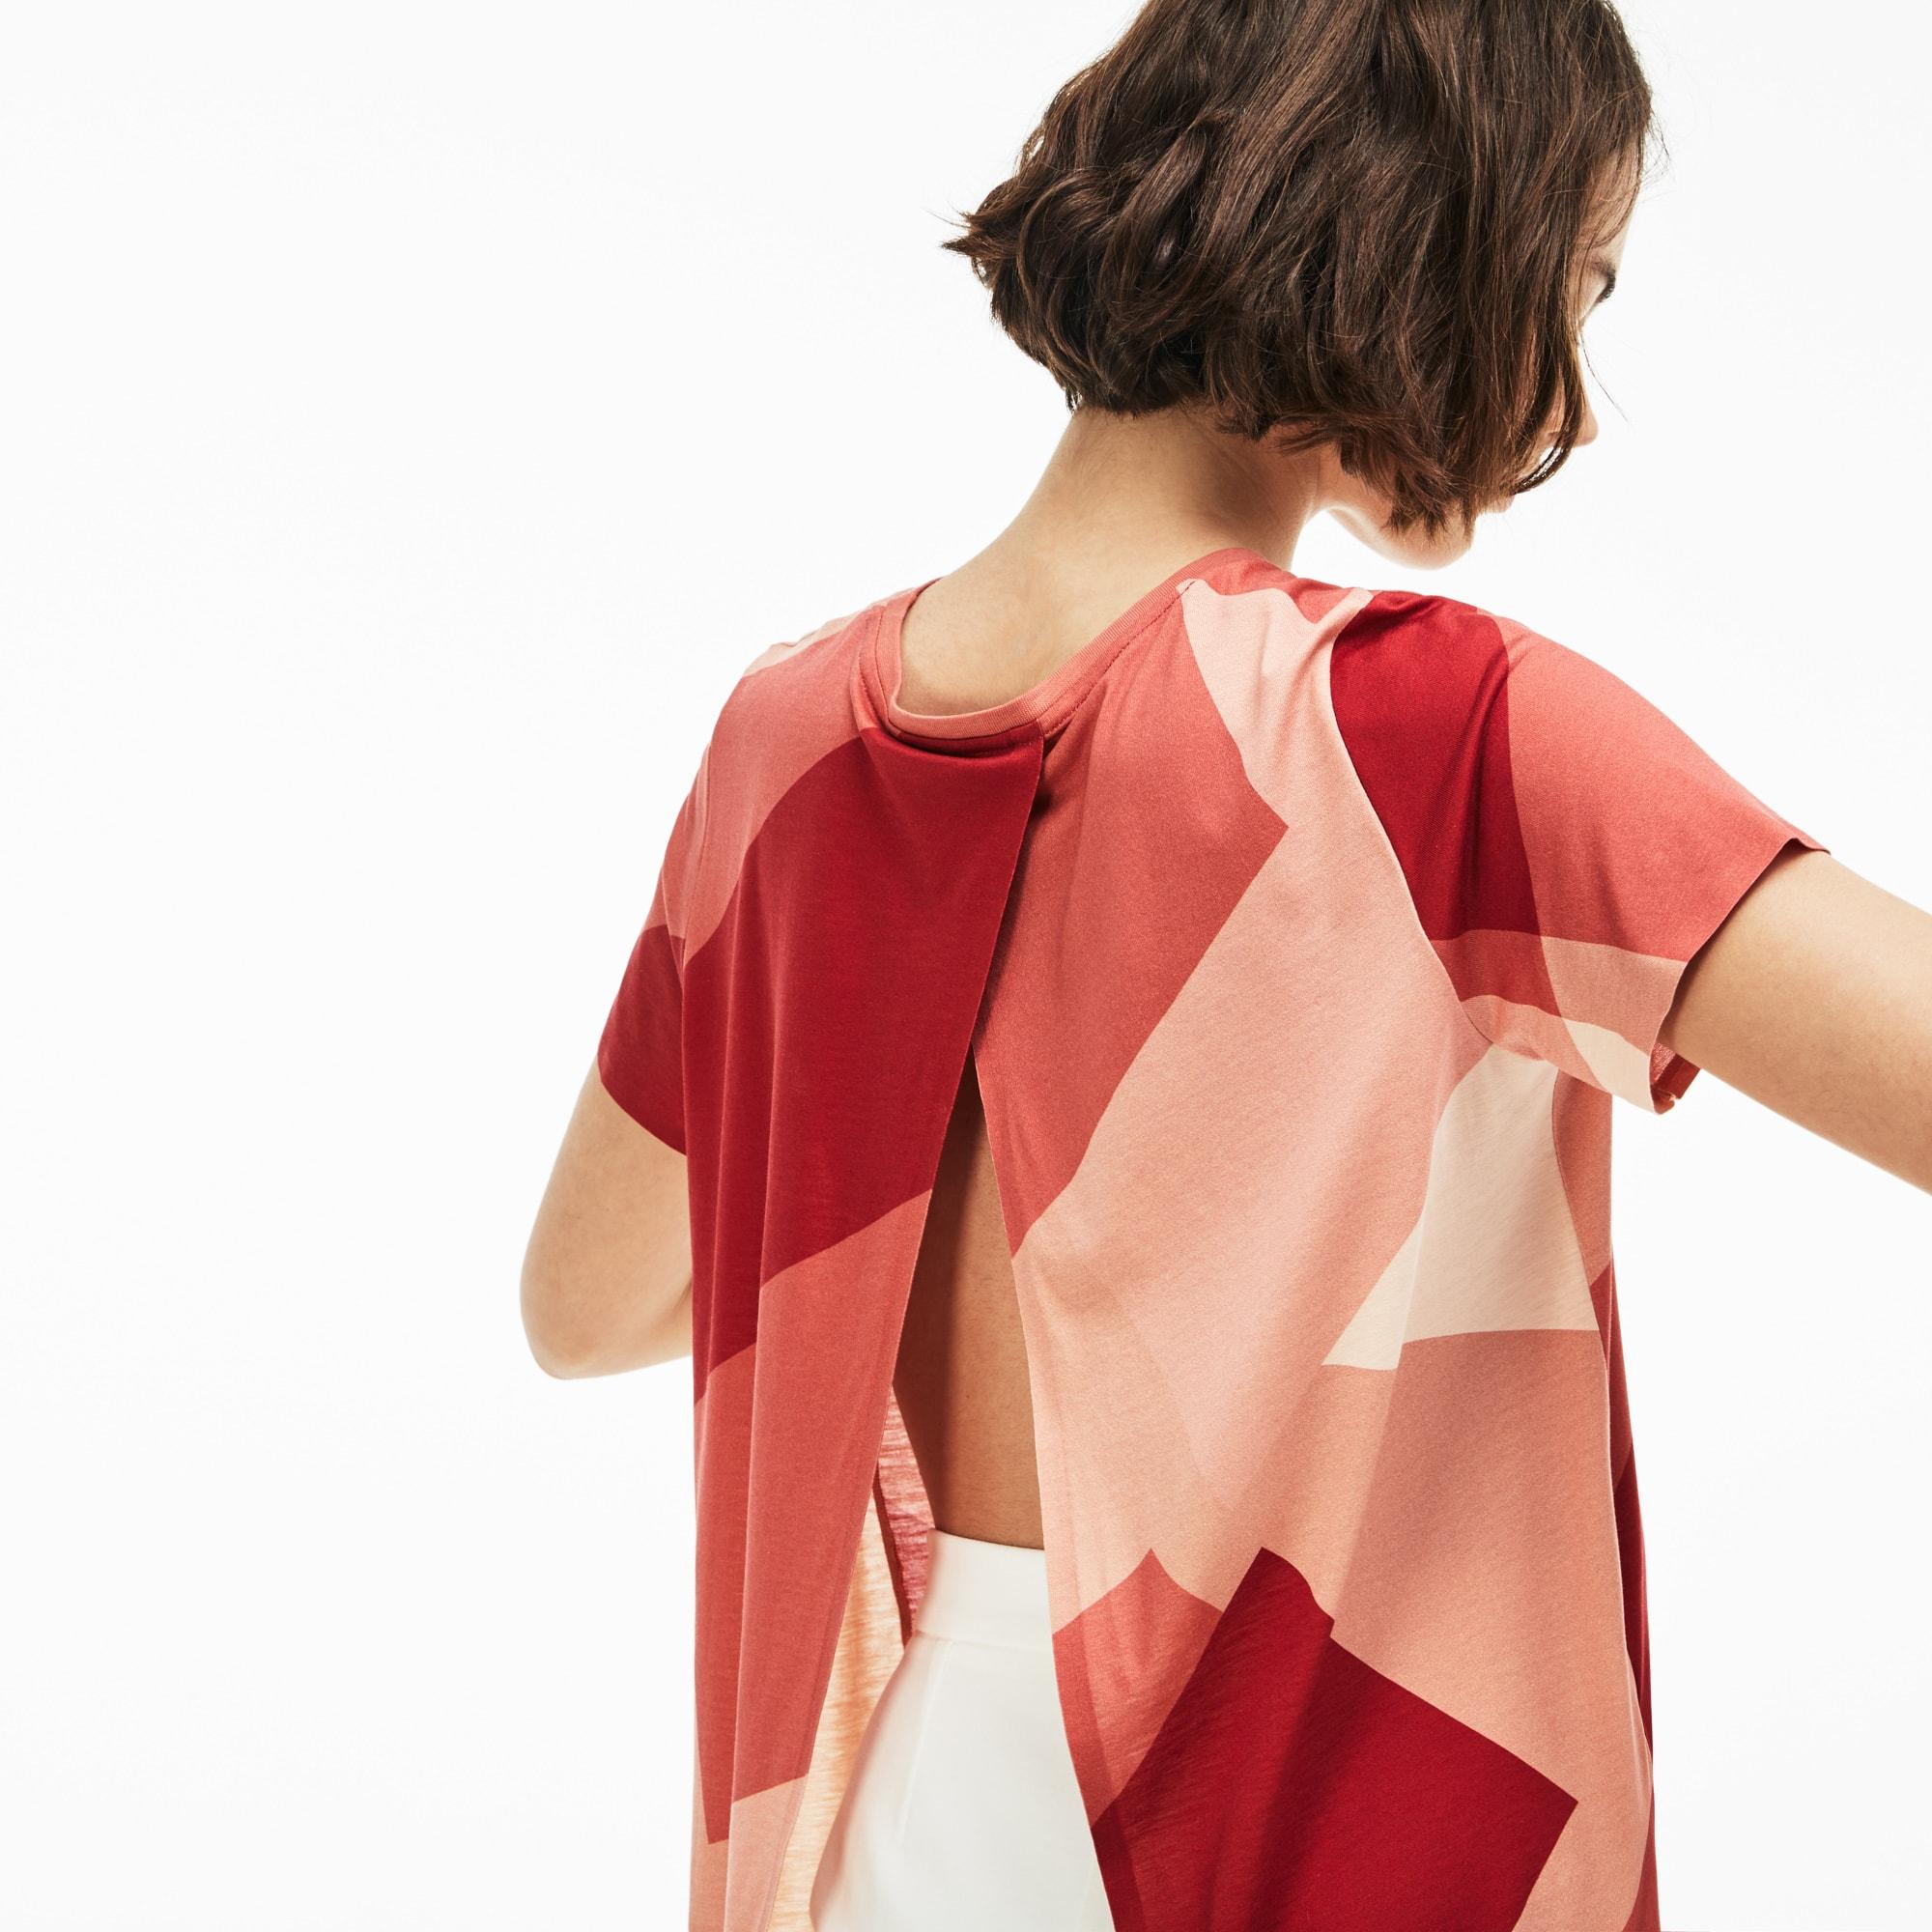 Damen-Rundhals-T-Shirt aus bedrucktem Jersey mit offenem Rücken